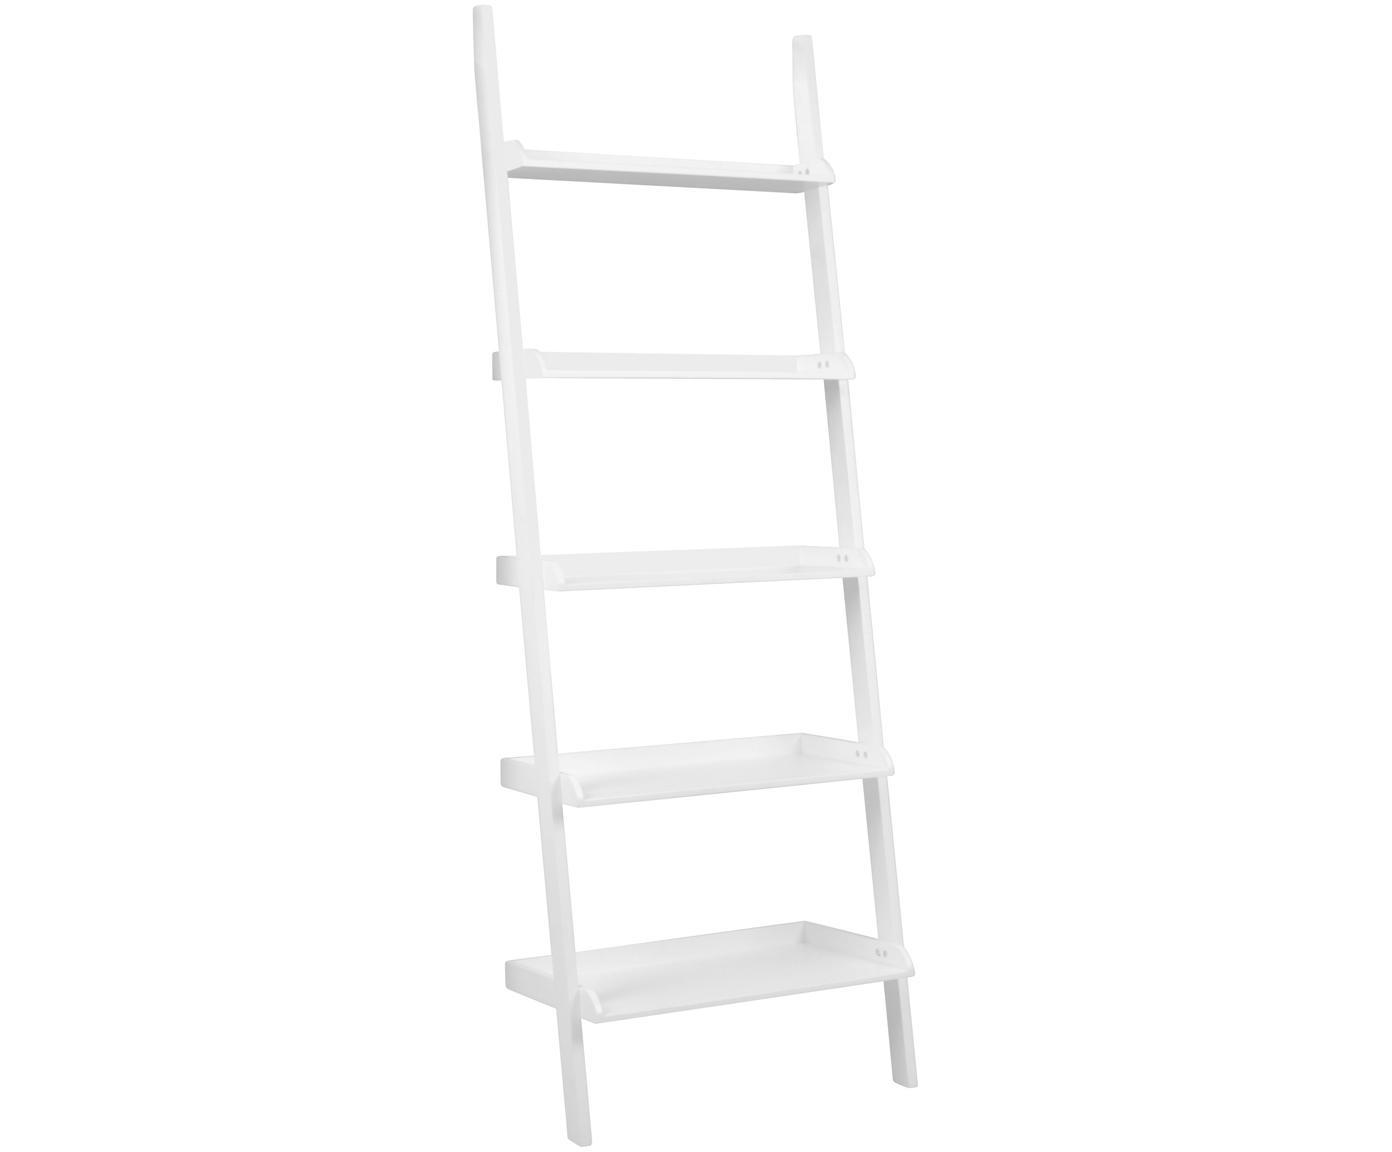 Estantería escalera Wally, Tablero de fibras de densidad media(MDF), pintado, Blanco, An 67 x Al 189 cm